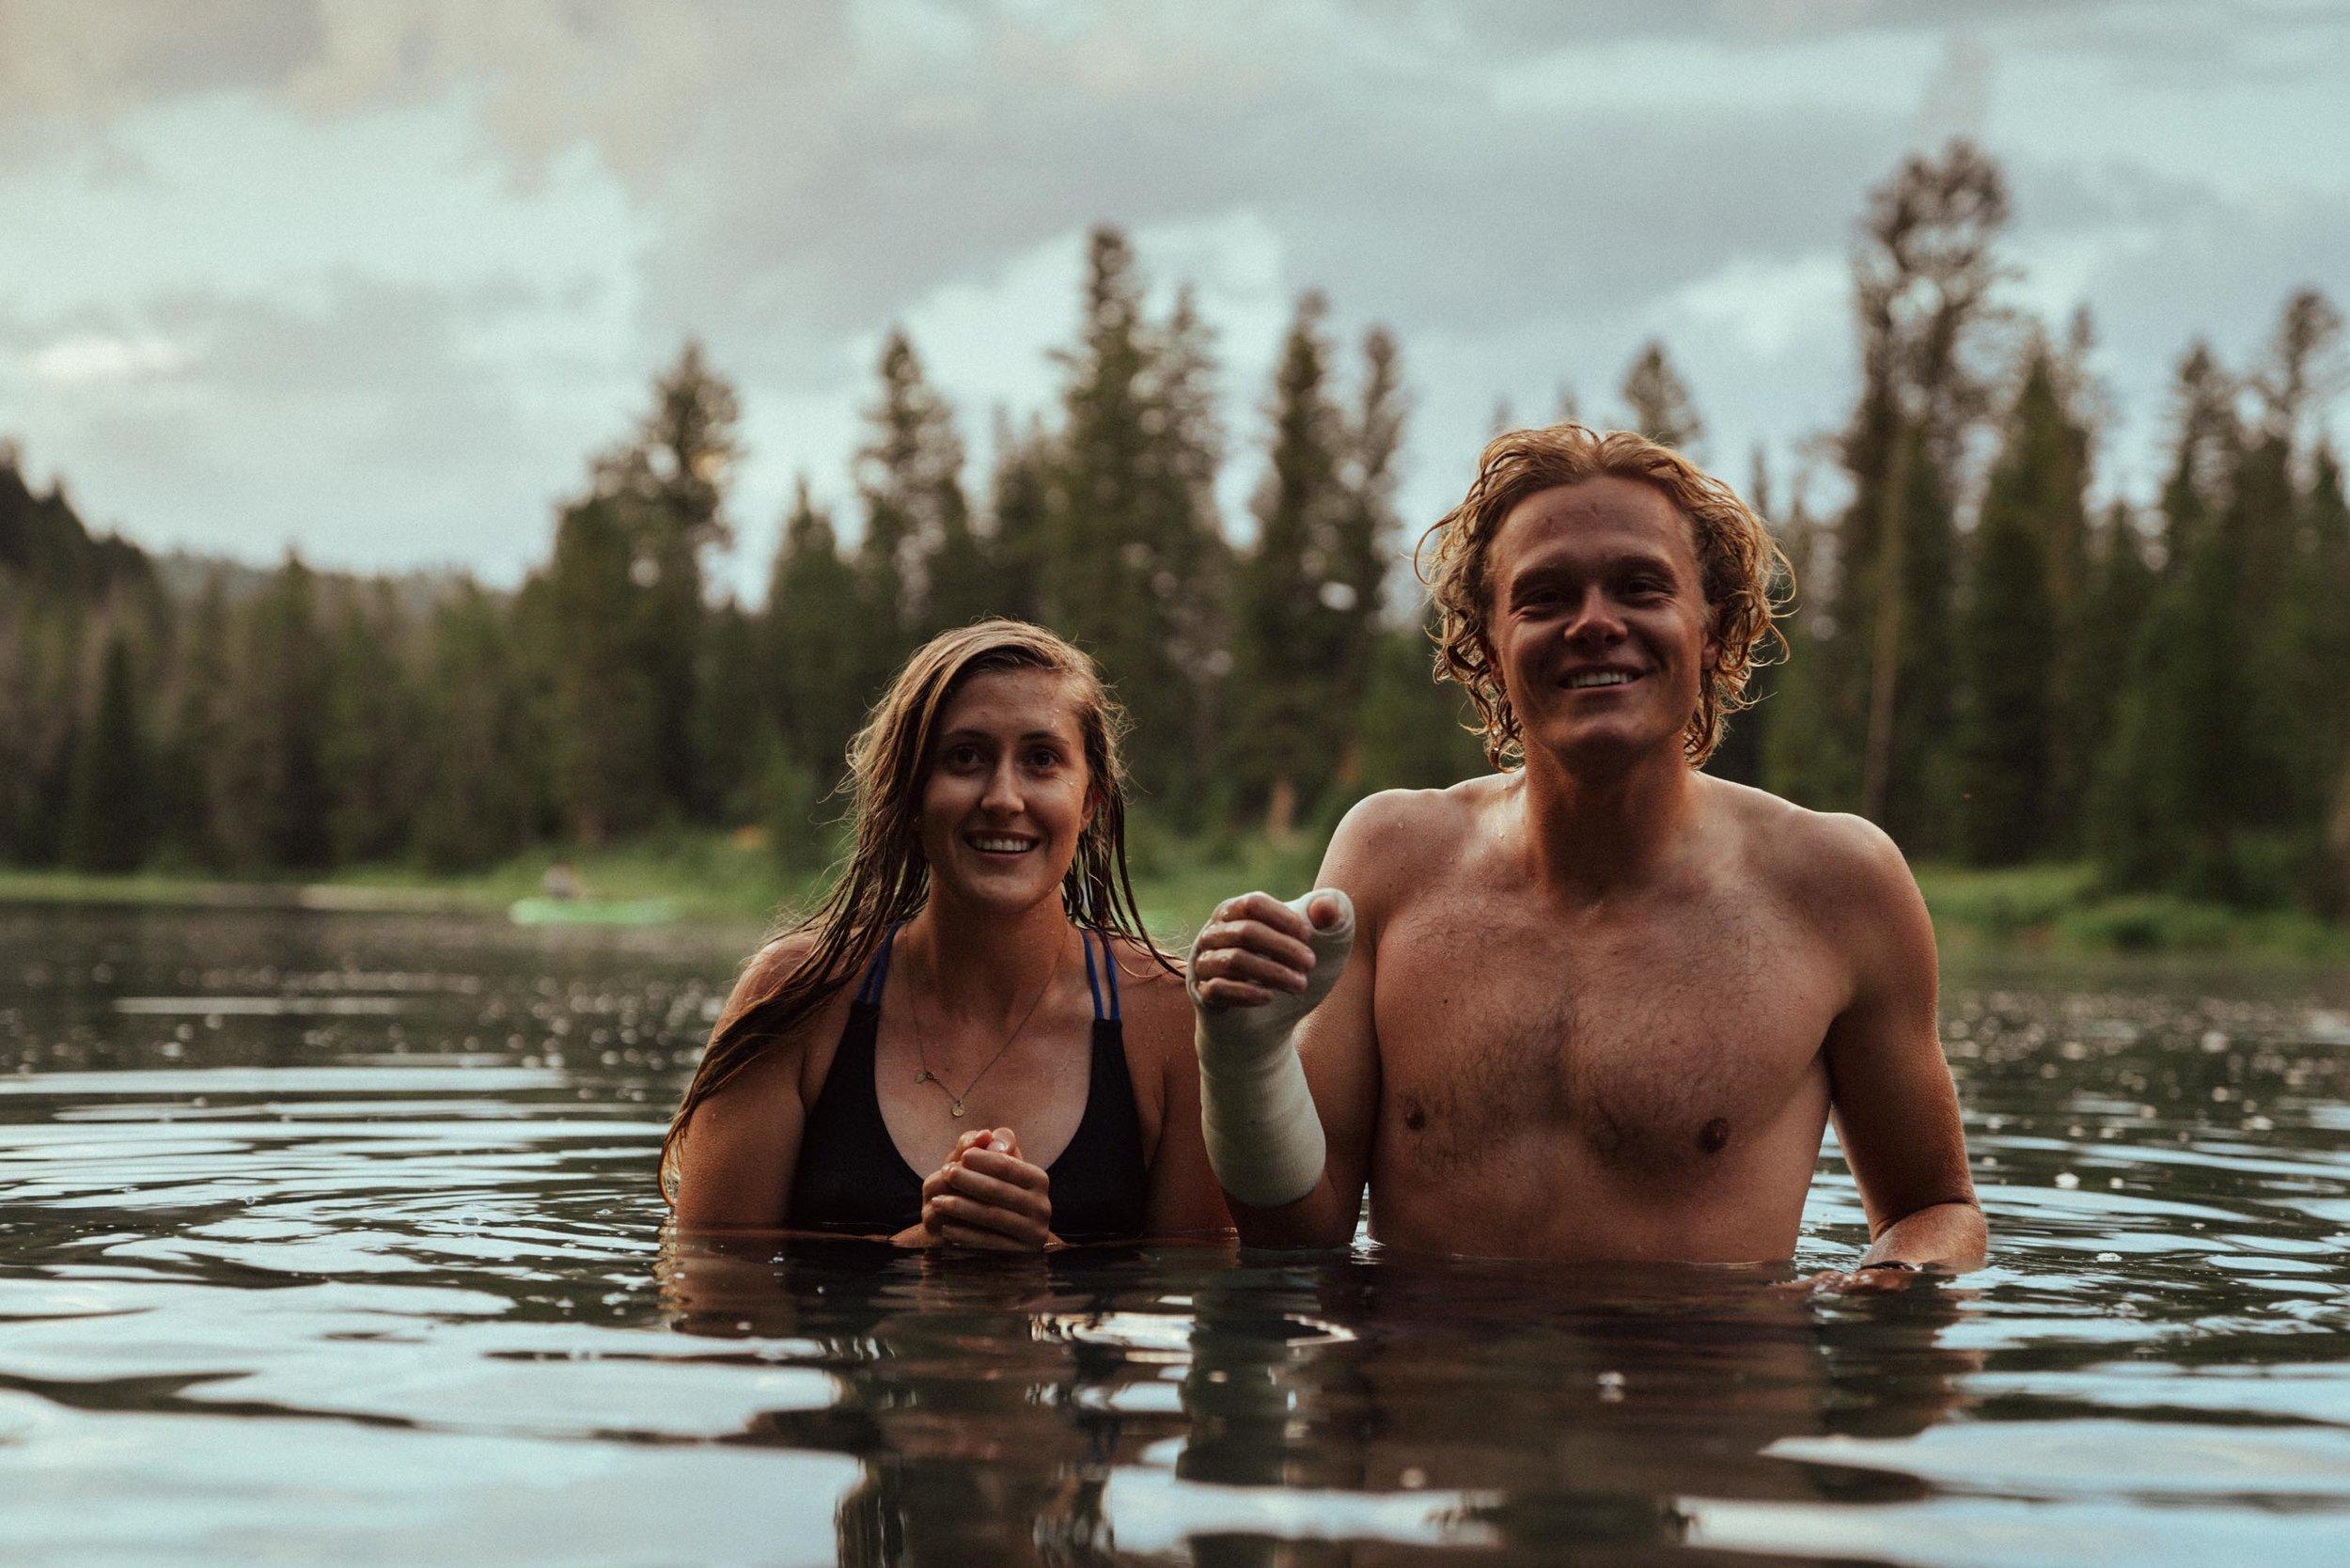 murphy-lake-camping-37.jpg